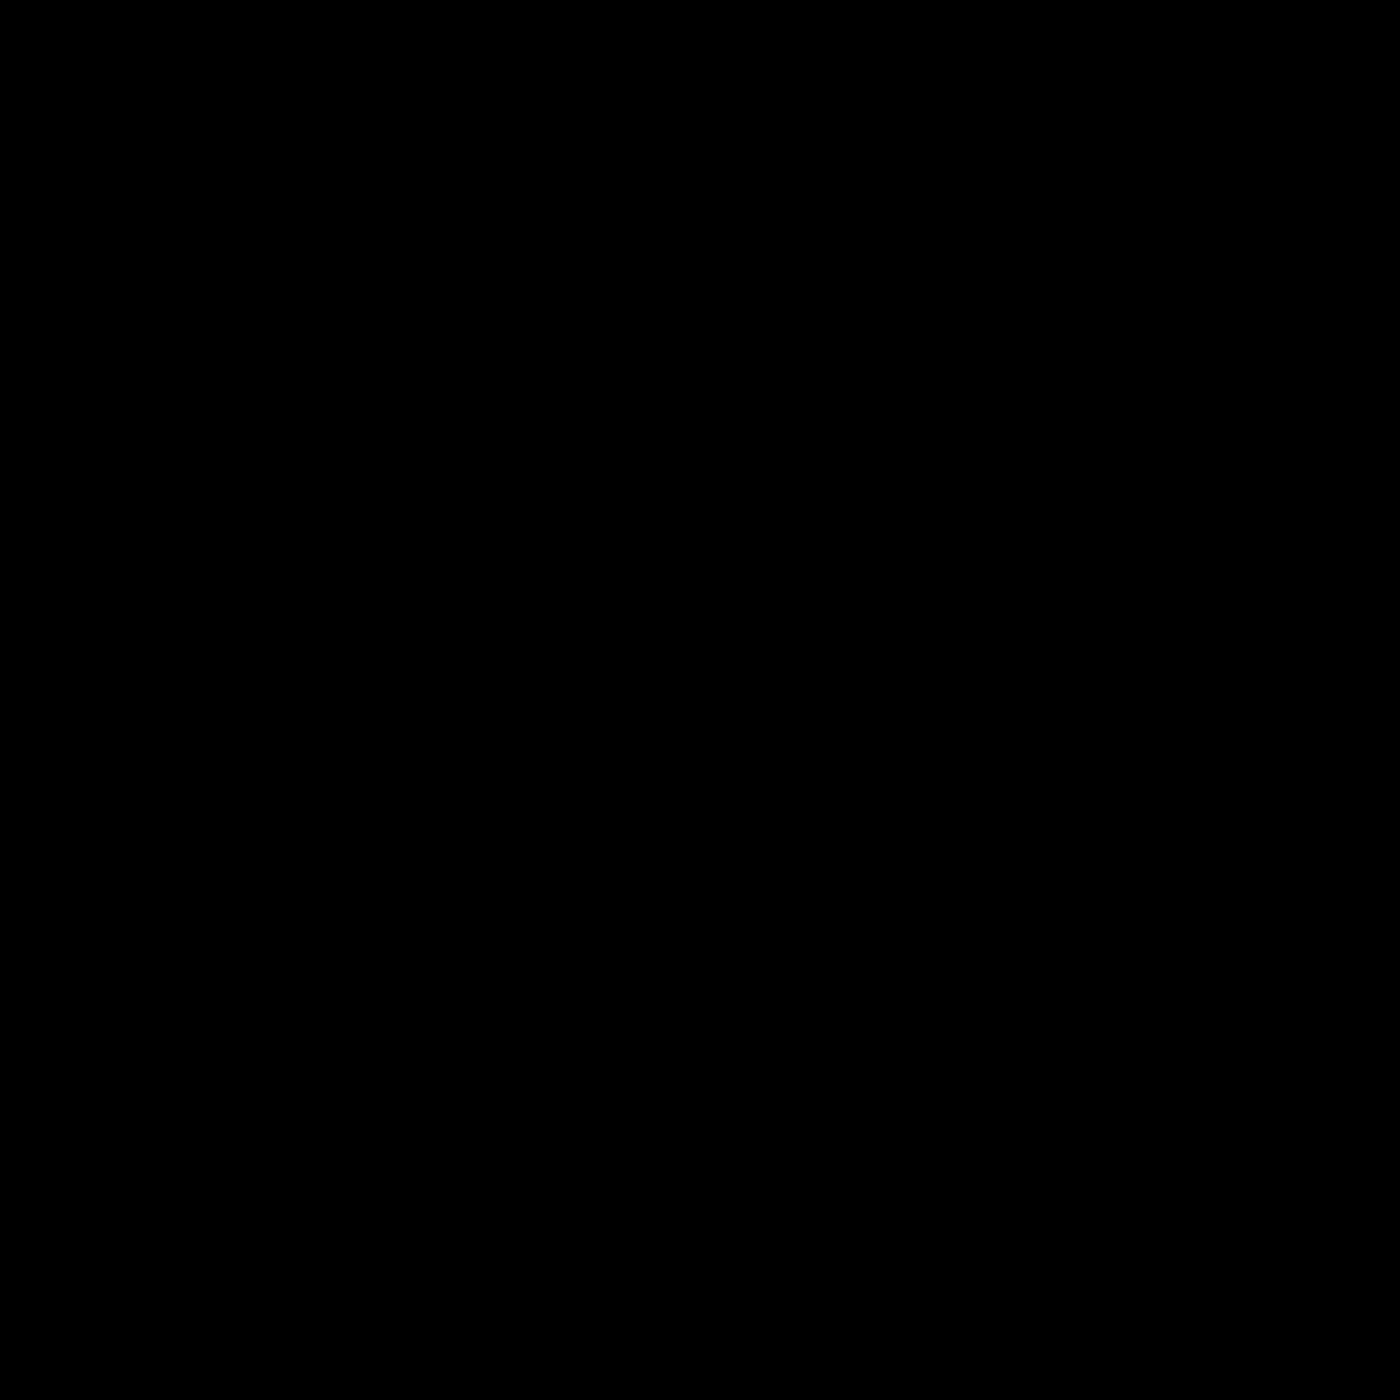 gzero logo stacked 01 02 1400x1400 - GZERO Media